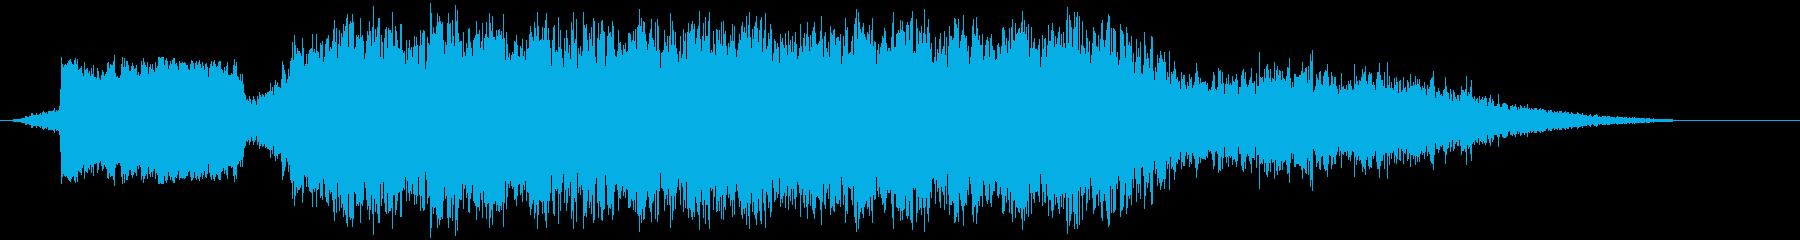 電車17到着の再生済みの波形